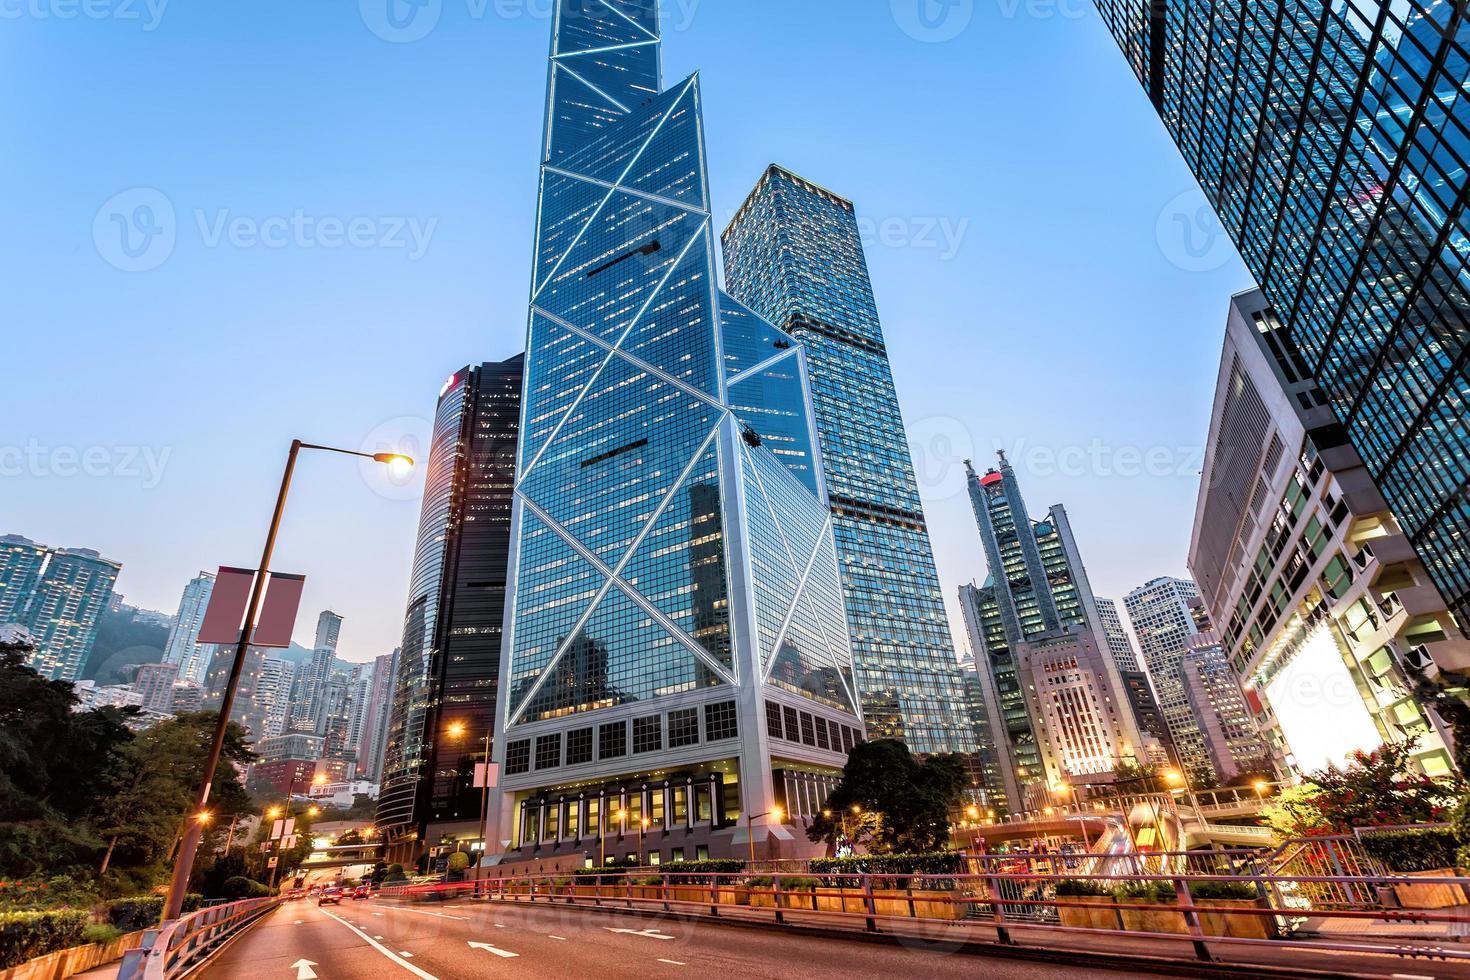 senderos de semáforo y edificios de oficinas en la ciudad moderna foto